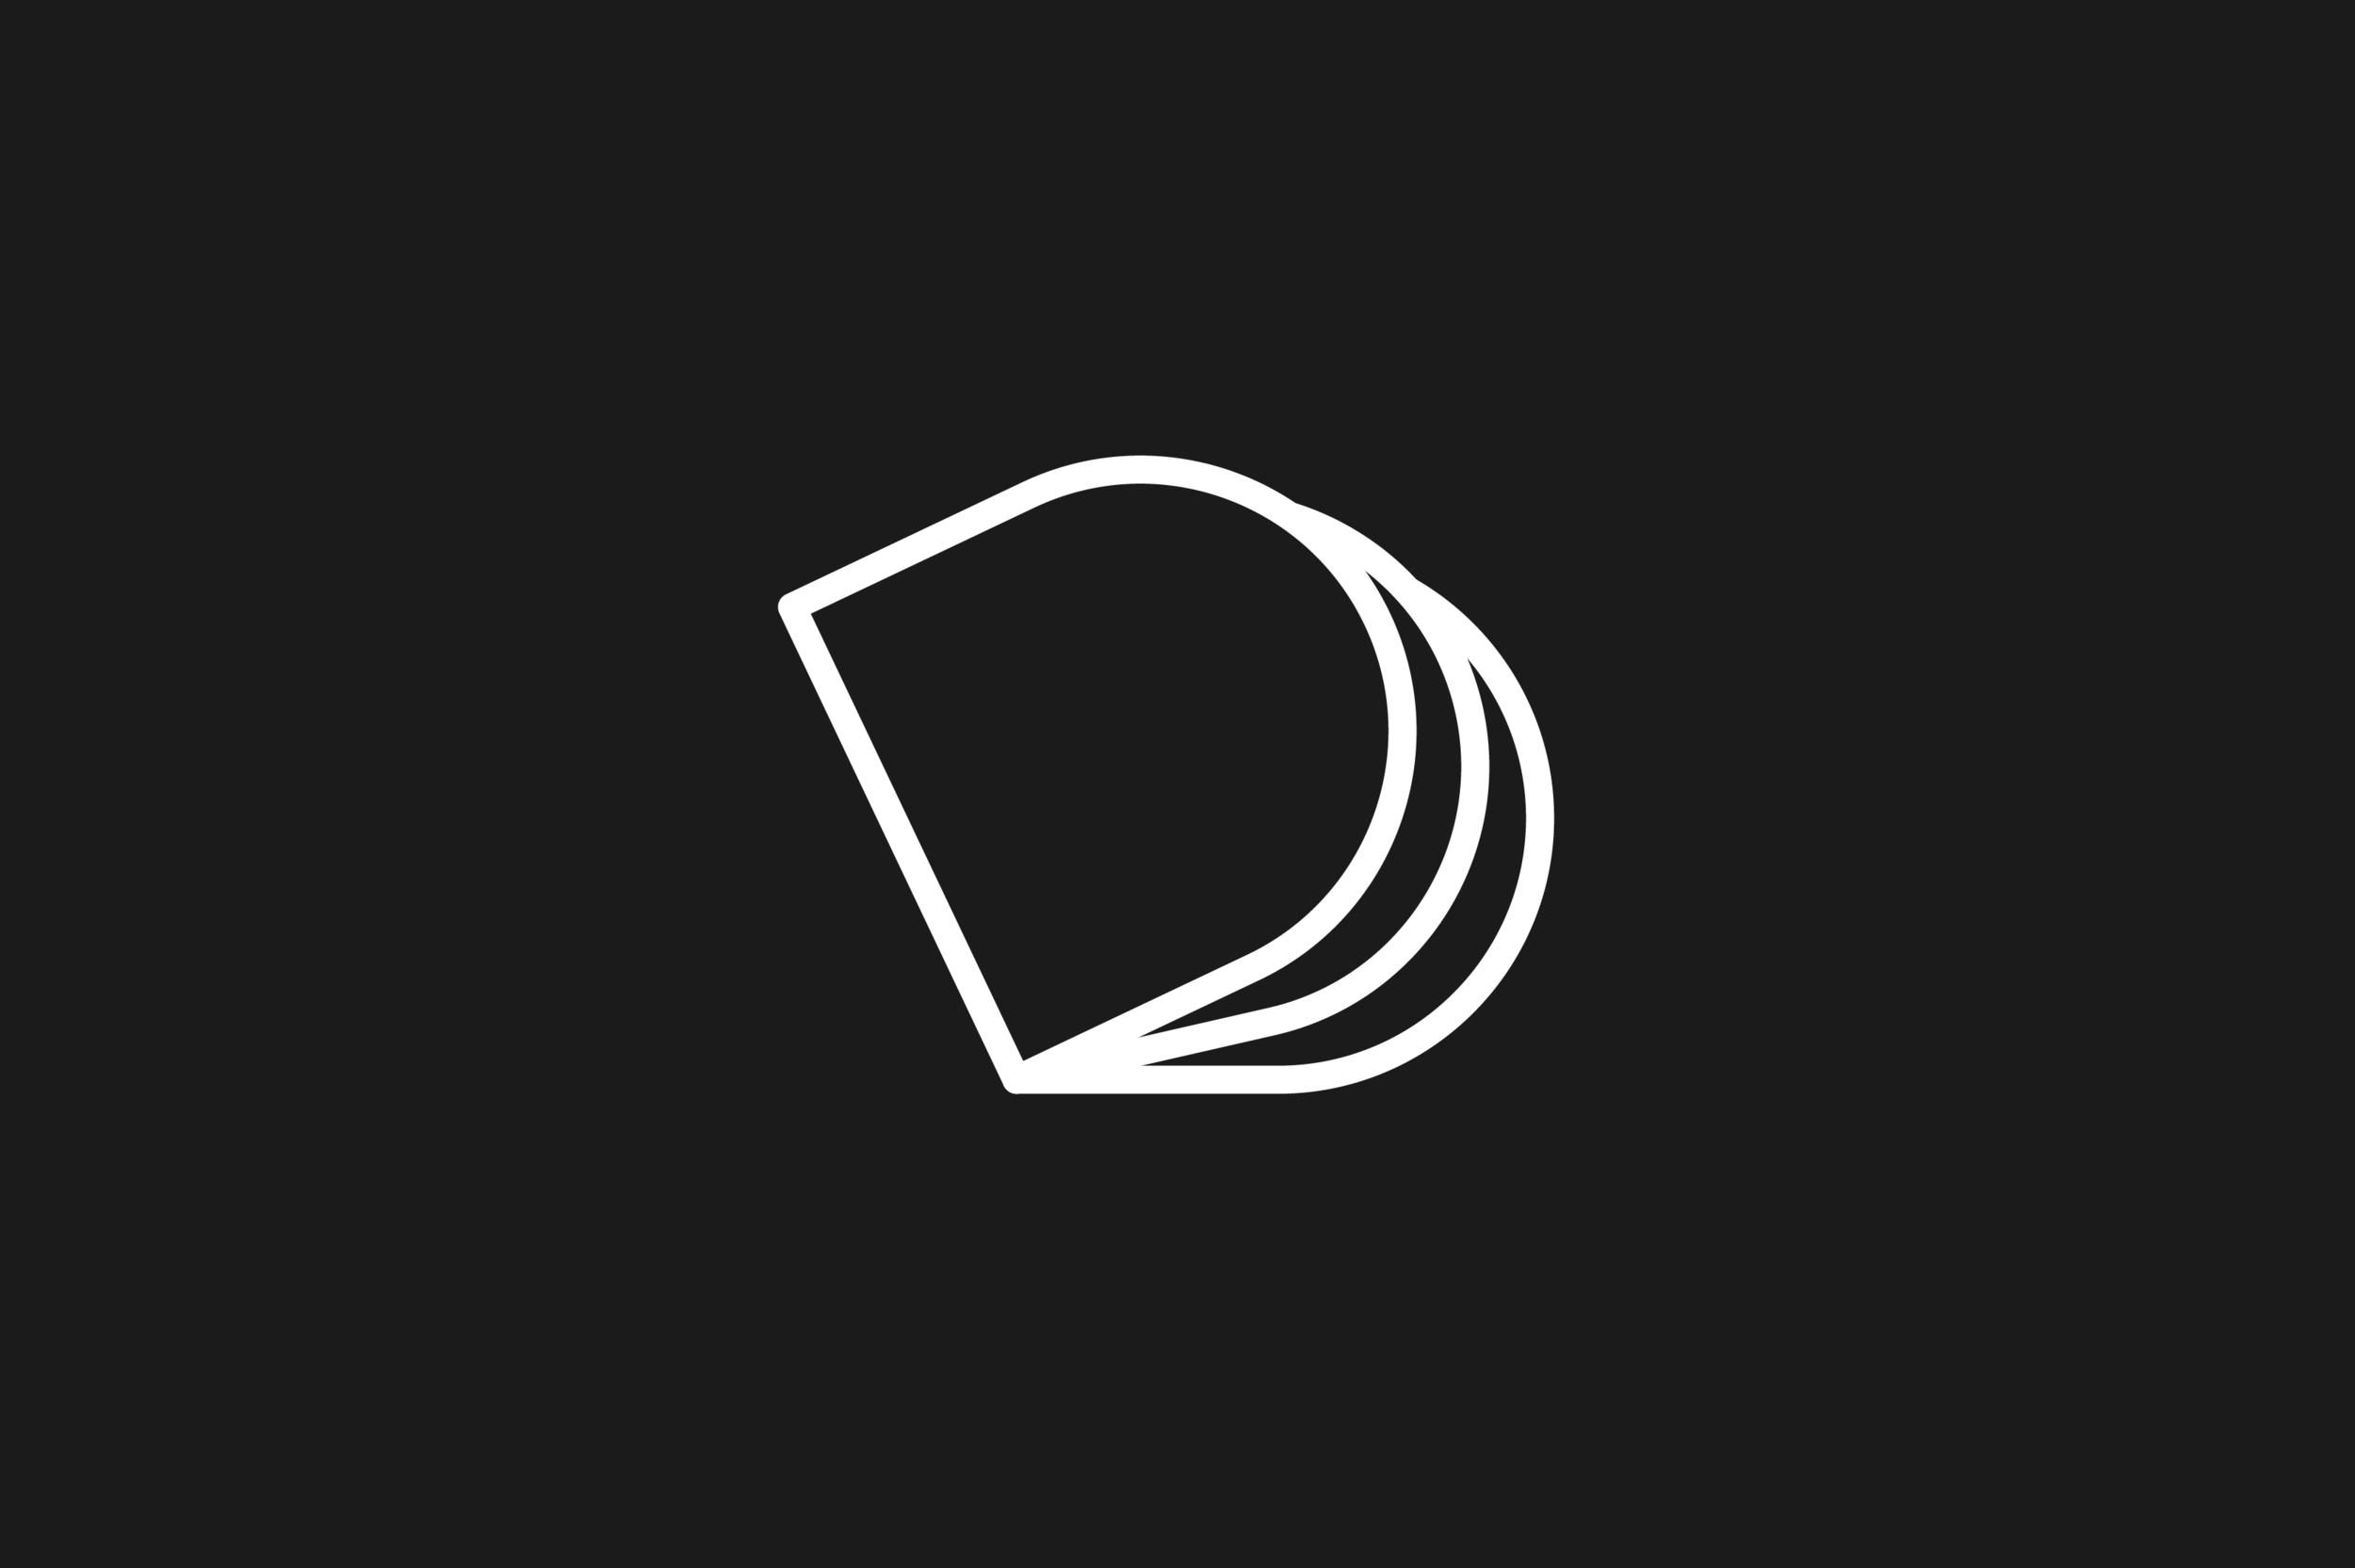 DMARC_Dienst_magazine.png